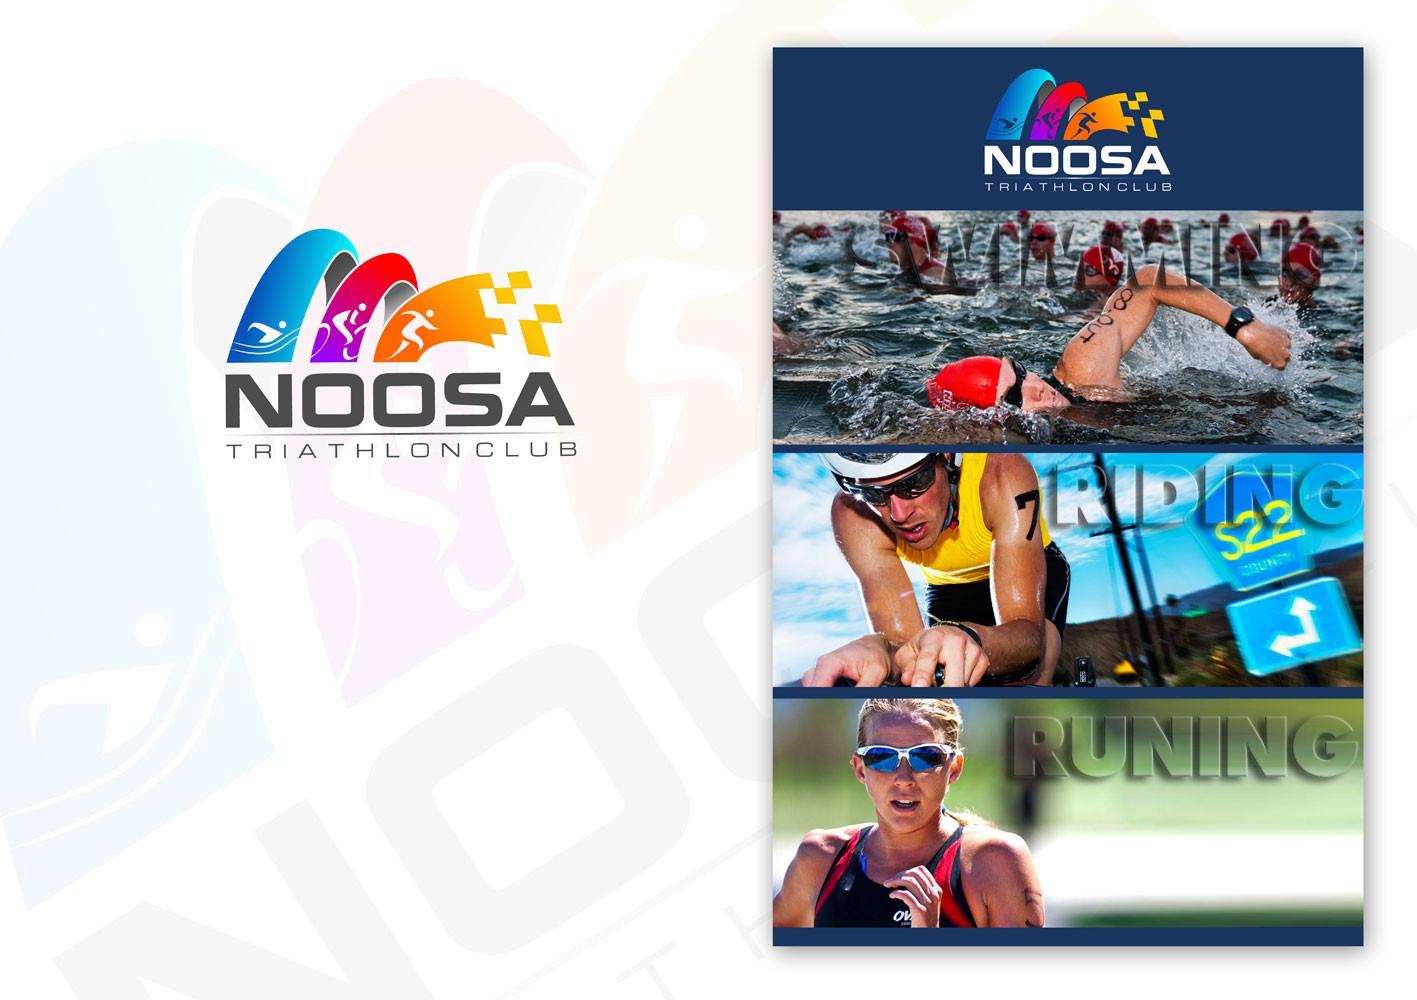 logo for Noosa Triathlon Club